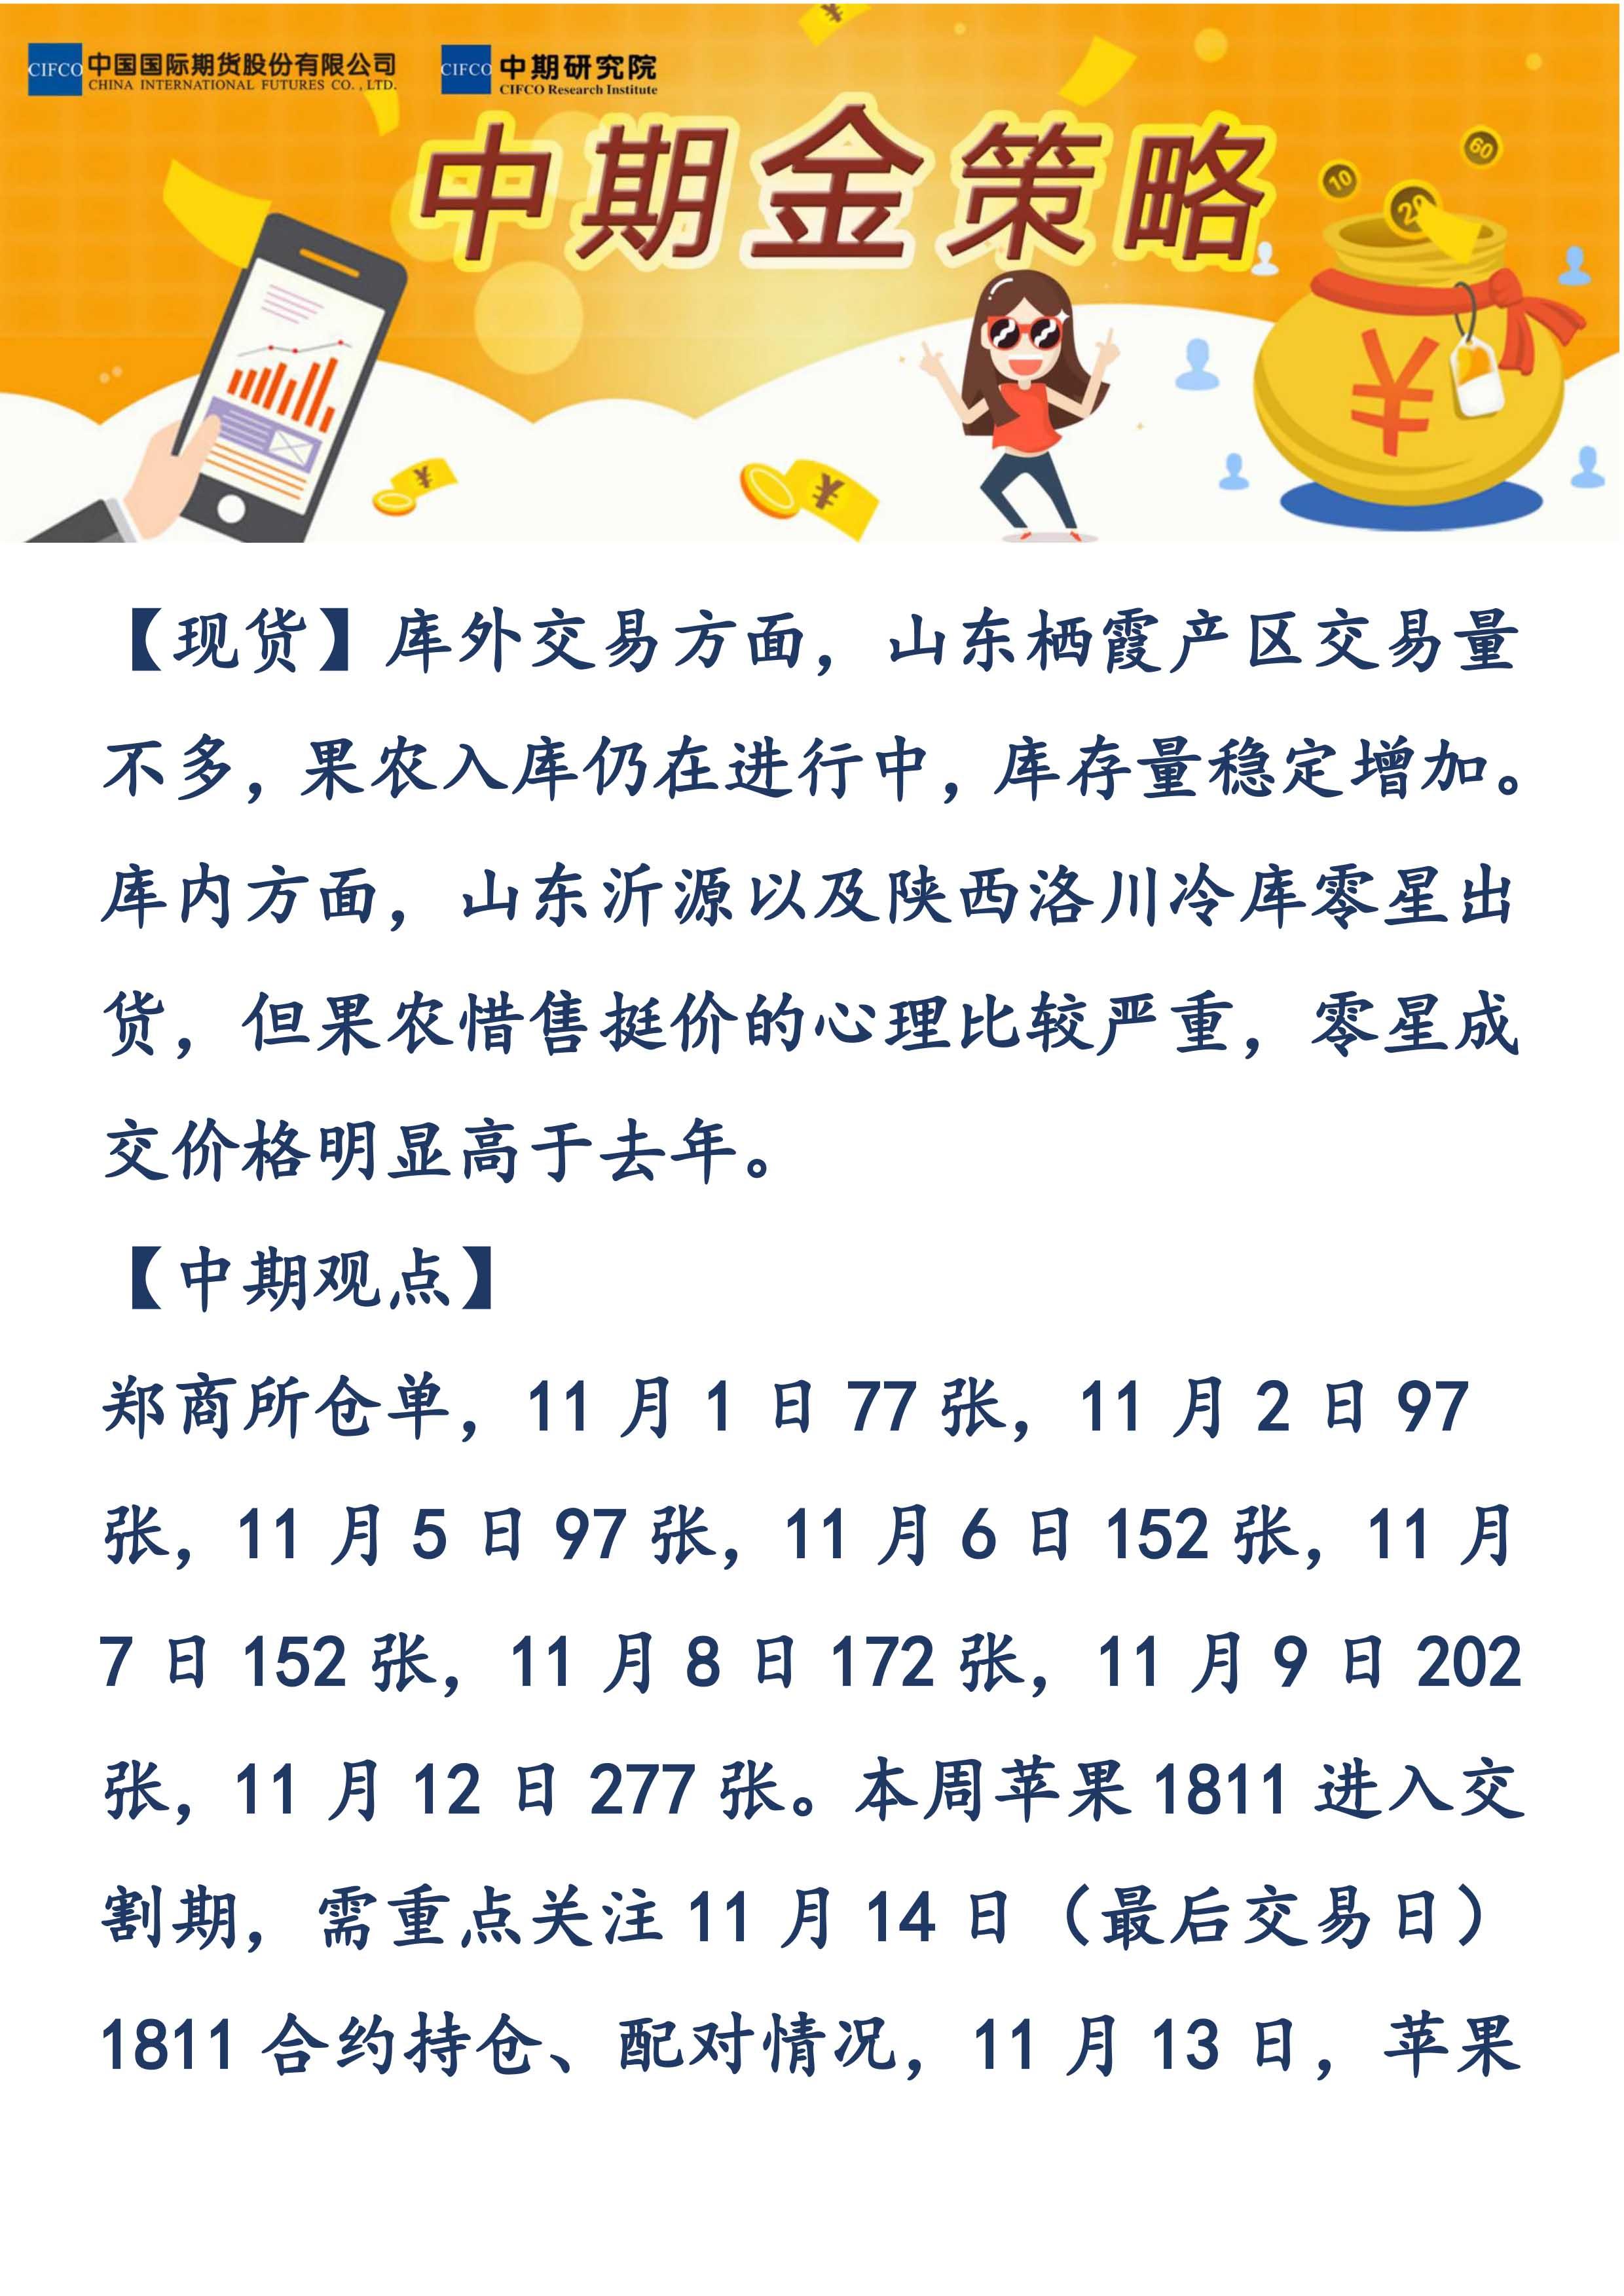 【易胜博金策略】-20181113-苹果-1.jpg